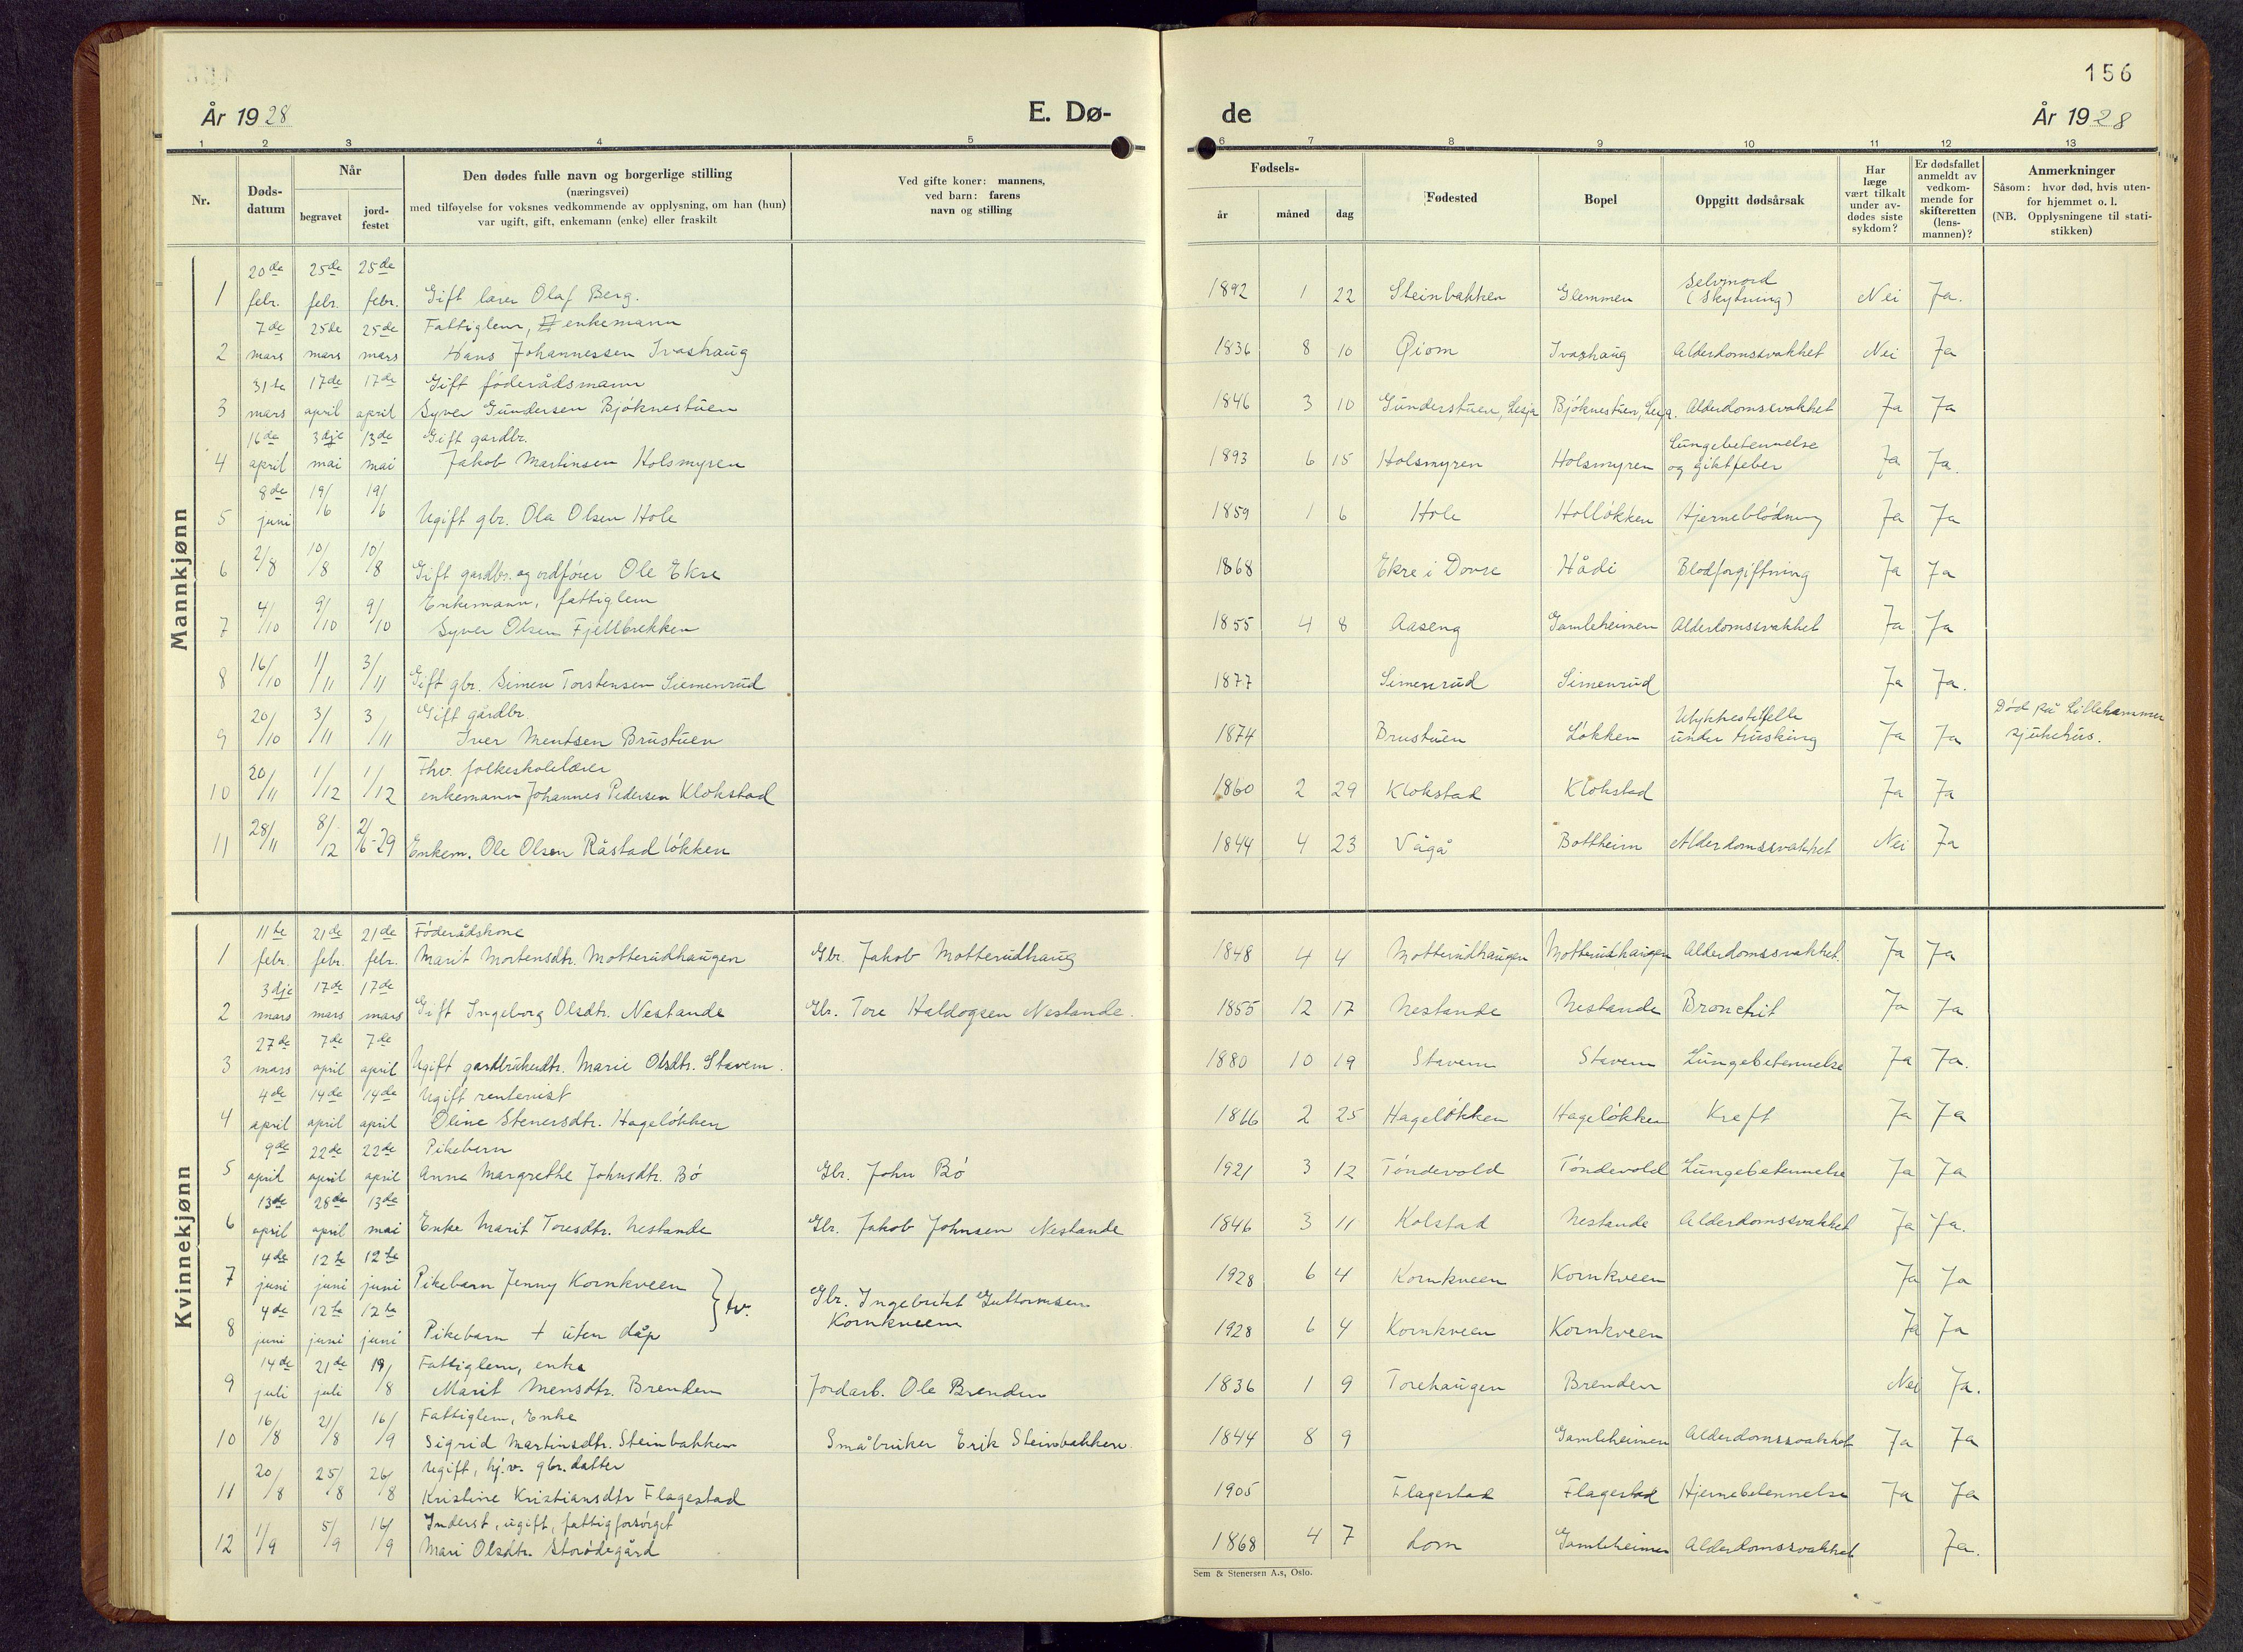 SAH, Lesja prestekontor, Parish register (copy) no. 10, 1925-1960, p. 156